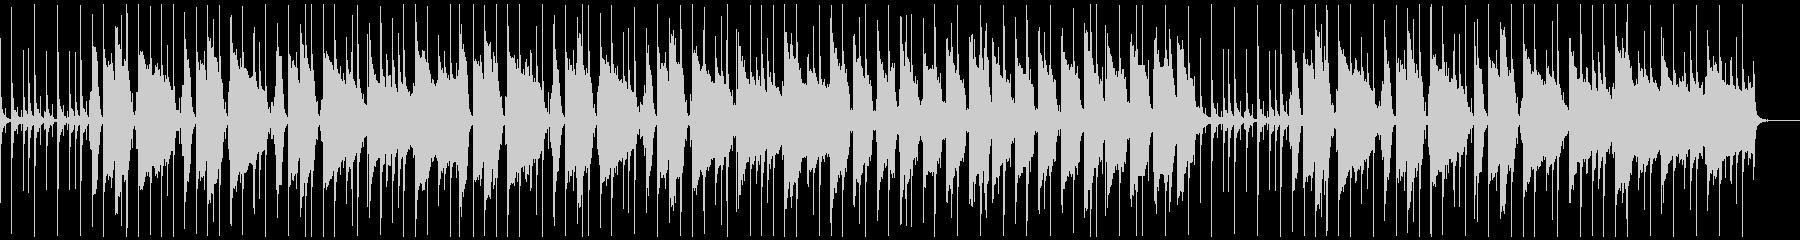 ローファイヒップホップほのぼのの未再生の波形